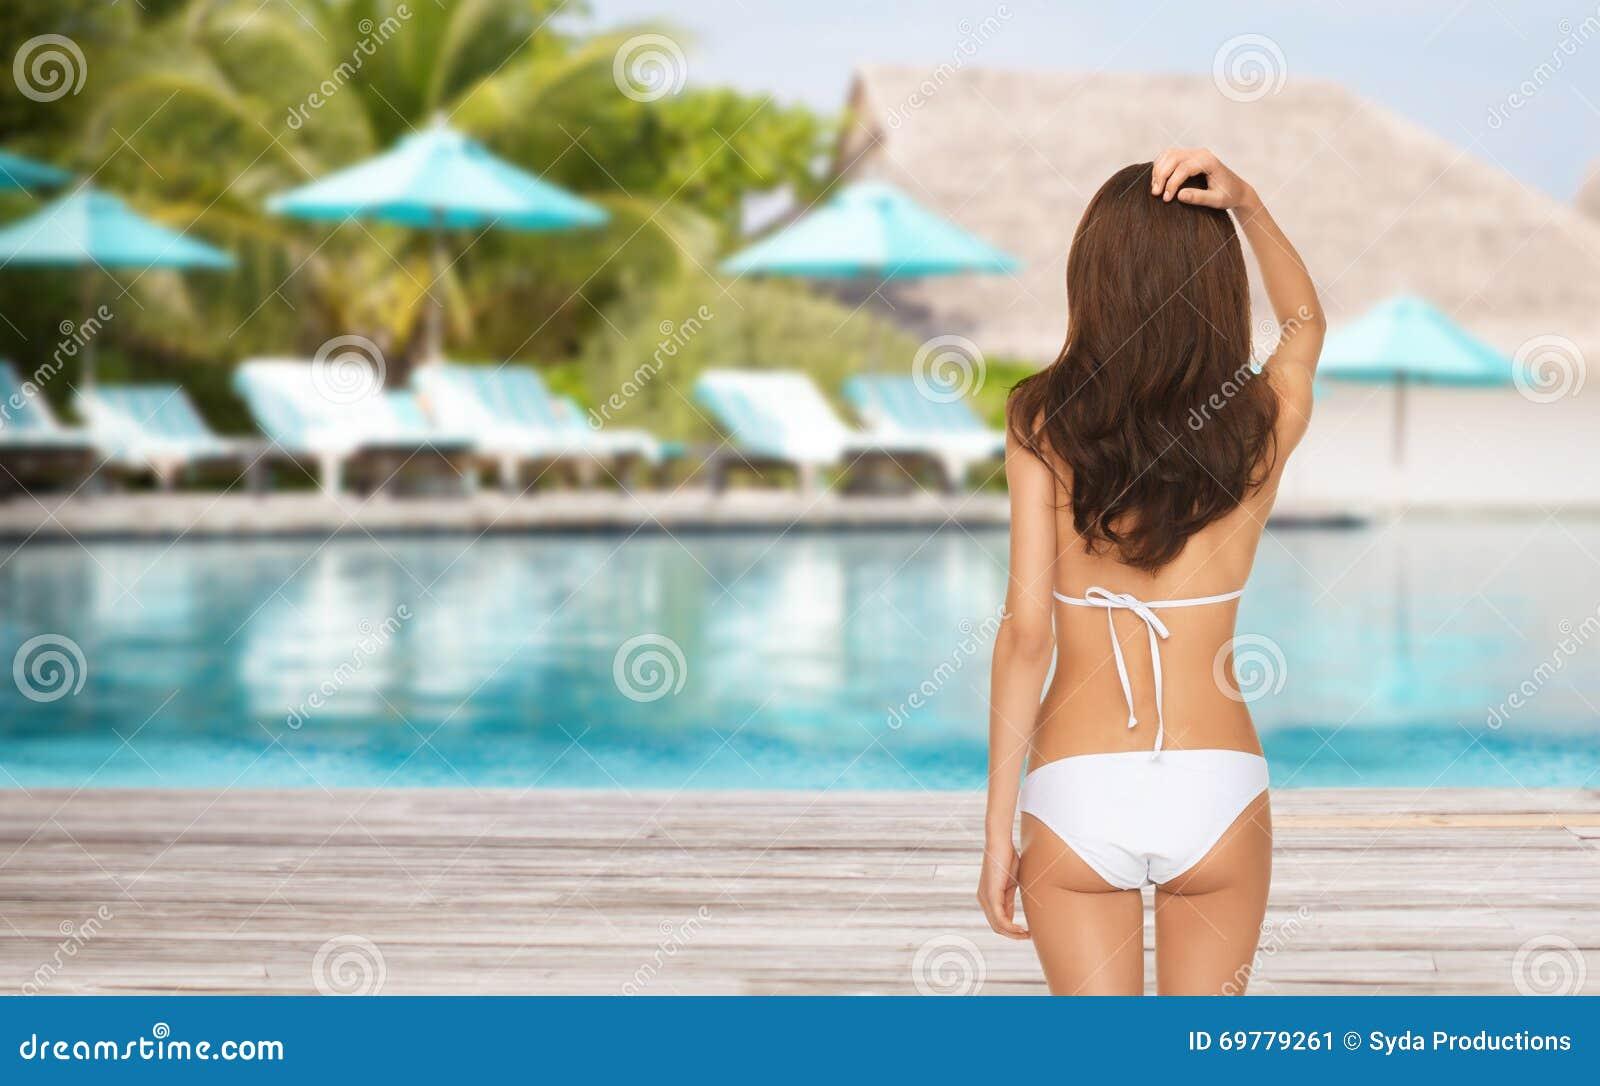 d6c2269a31 Concept de personnes, de vacances d'été, de voyage, de tourisme et de  vacances - femme dans le maillot de bain de bikini du dos au-dessus de la  plage ...